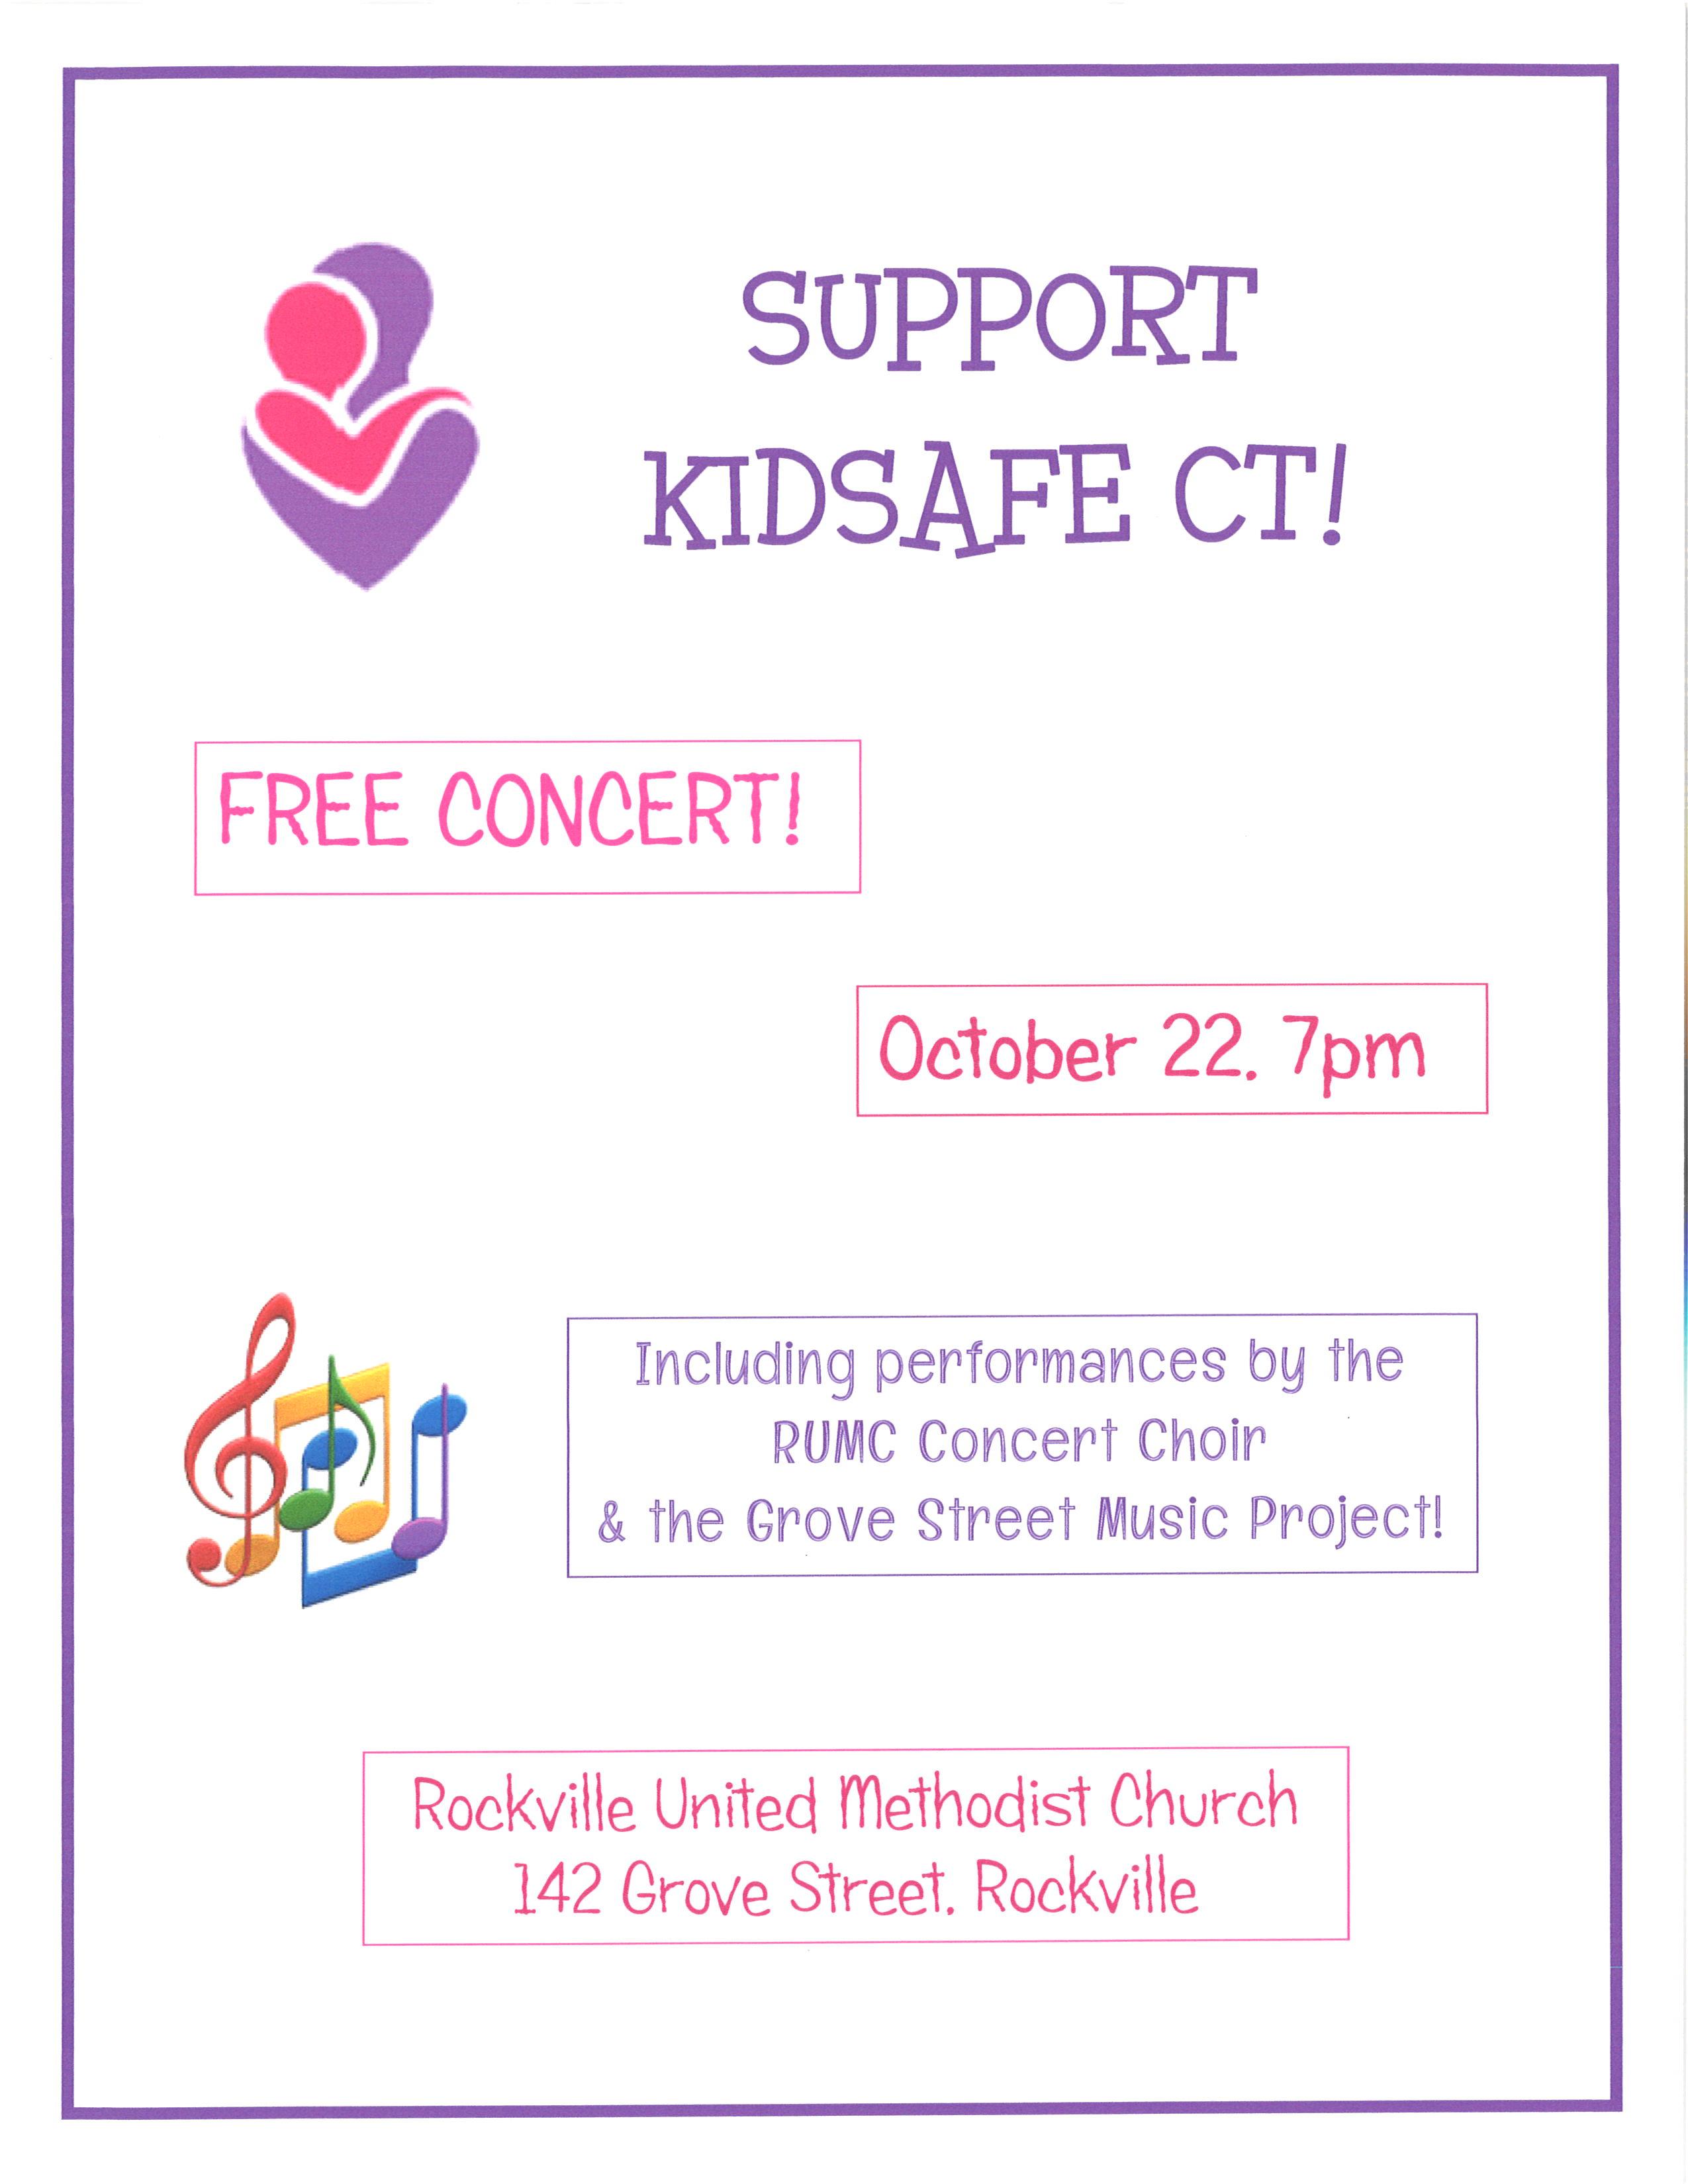 kidsafe-leap-of-faith-concert-10-22-2016